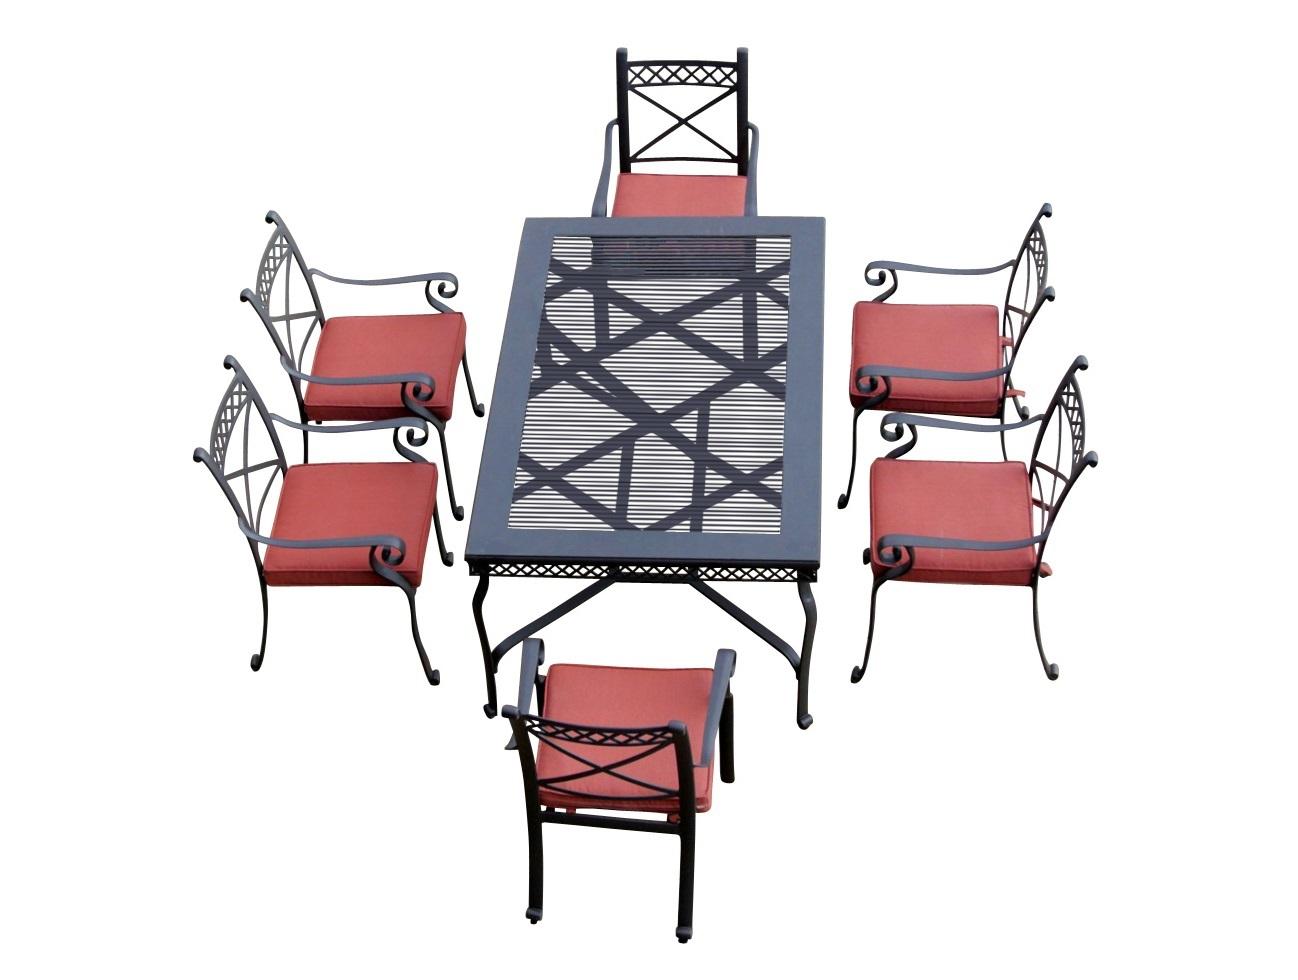 Комплект СИЦИЛИЯКомплекты уличной мебели<br>&amp;lt;div&amp;gt;&amp;lt;span style=&amp;quot;line-height: 24.9999px;&amp;quot;&amp;gt;Литой алюминий является более предпочтительным материалом для садовой мебели, поскольку он не только устойчив к коррозии, но и имеет легкий вес. Такая мебель лучше гармонирует с современными стилями, помимо классики, все чаще встречаются модели оригинального органического и футуристического дизайна. Преимущества мебели - способна выдержать любые капризы природы, можно даже оставить под открытым небом на зиму.&amp;lt;/span&amp;gt;&amp;lt;/div&amp;gt;&amp;lt;div&amp;gt;&amp;lt;span style=&amp;quot;line-height: 24.9999px;&amp;quot;&amp;gt;&amp;lt;br&amp;gt;&amp;lt;/span&amp;gt;&amp;lt;/div&amp;gt;&amp;lt;div&amp;gt;&amp;lt;span style=&amp;quot;line-height: 24.9999px;&amp;quot;&amp;gt;Размер стола: ширина 168 см; глубина 104 см; высота 74 см.&amp;lt;/span&amp;gt;&amp;lt;/div&amp;gt;&amp;lt;div&amp;gt;&amp;lt;span style=&amp;quot;line-height: 24.9999px;&amp;quot;&amp;gt;Размер стульев (6 шт): ширина 60 см; глубина 52 см; высота подлокотников 65 см; высота спинки 93 см.&amp;lt;/span&amp;gt;&amp;lt;/div&amp;gt;<br><br>Material: Алюминий<br>Ширина см: 168<br>Высота см: 74<br>Глубина см: 104